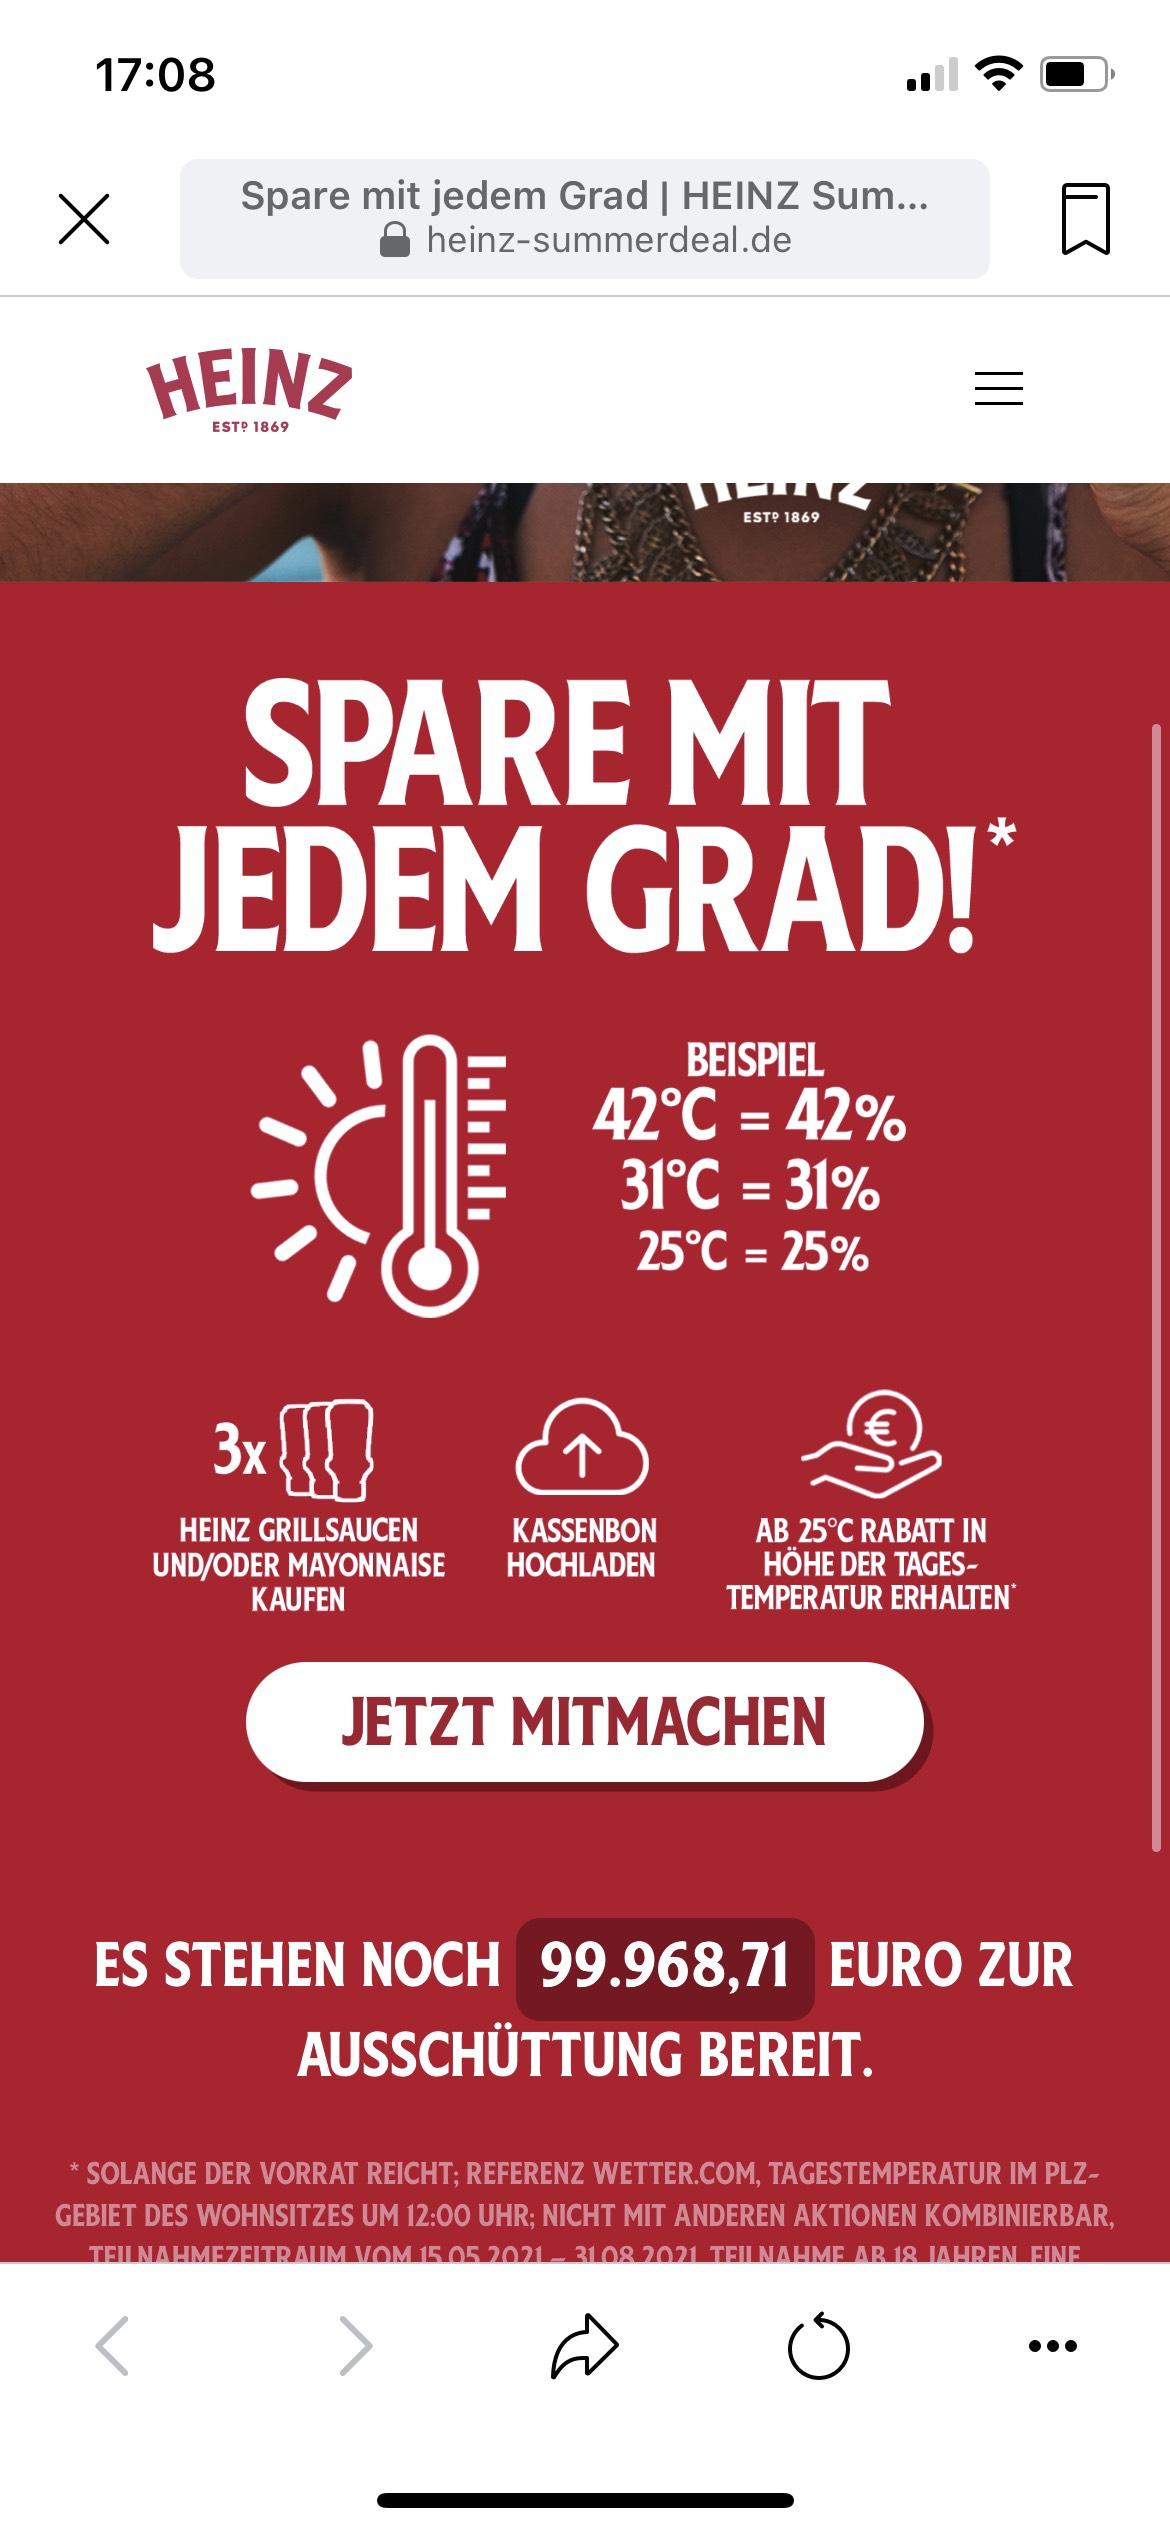 Heinz - Sparen mit jedem Grad